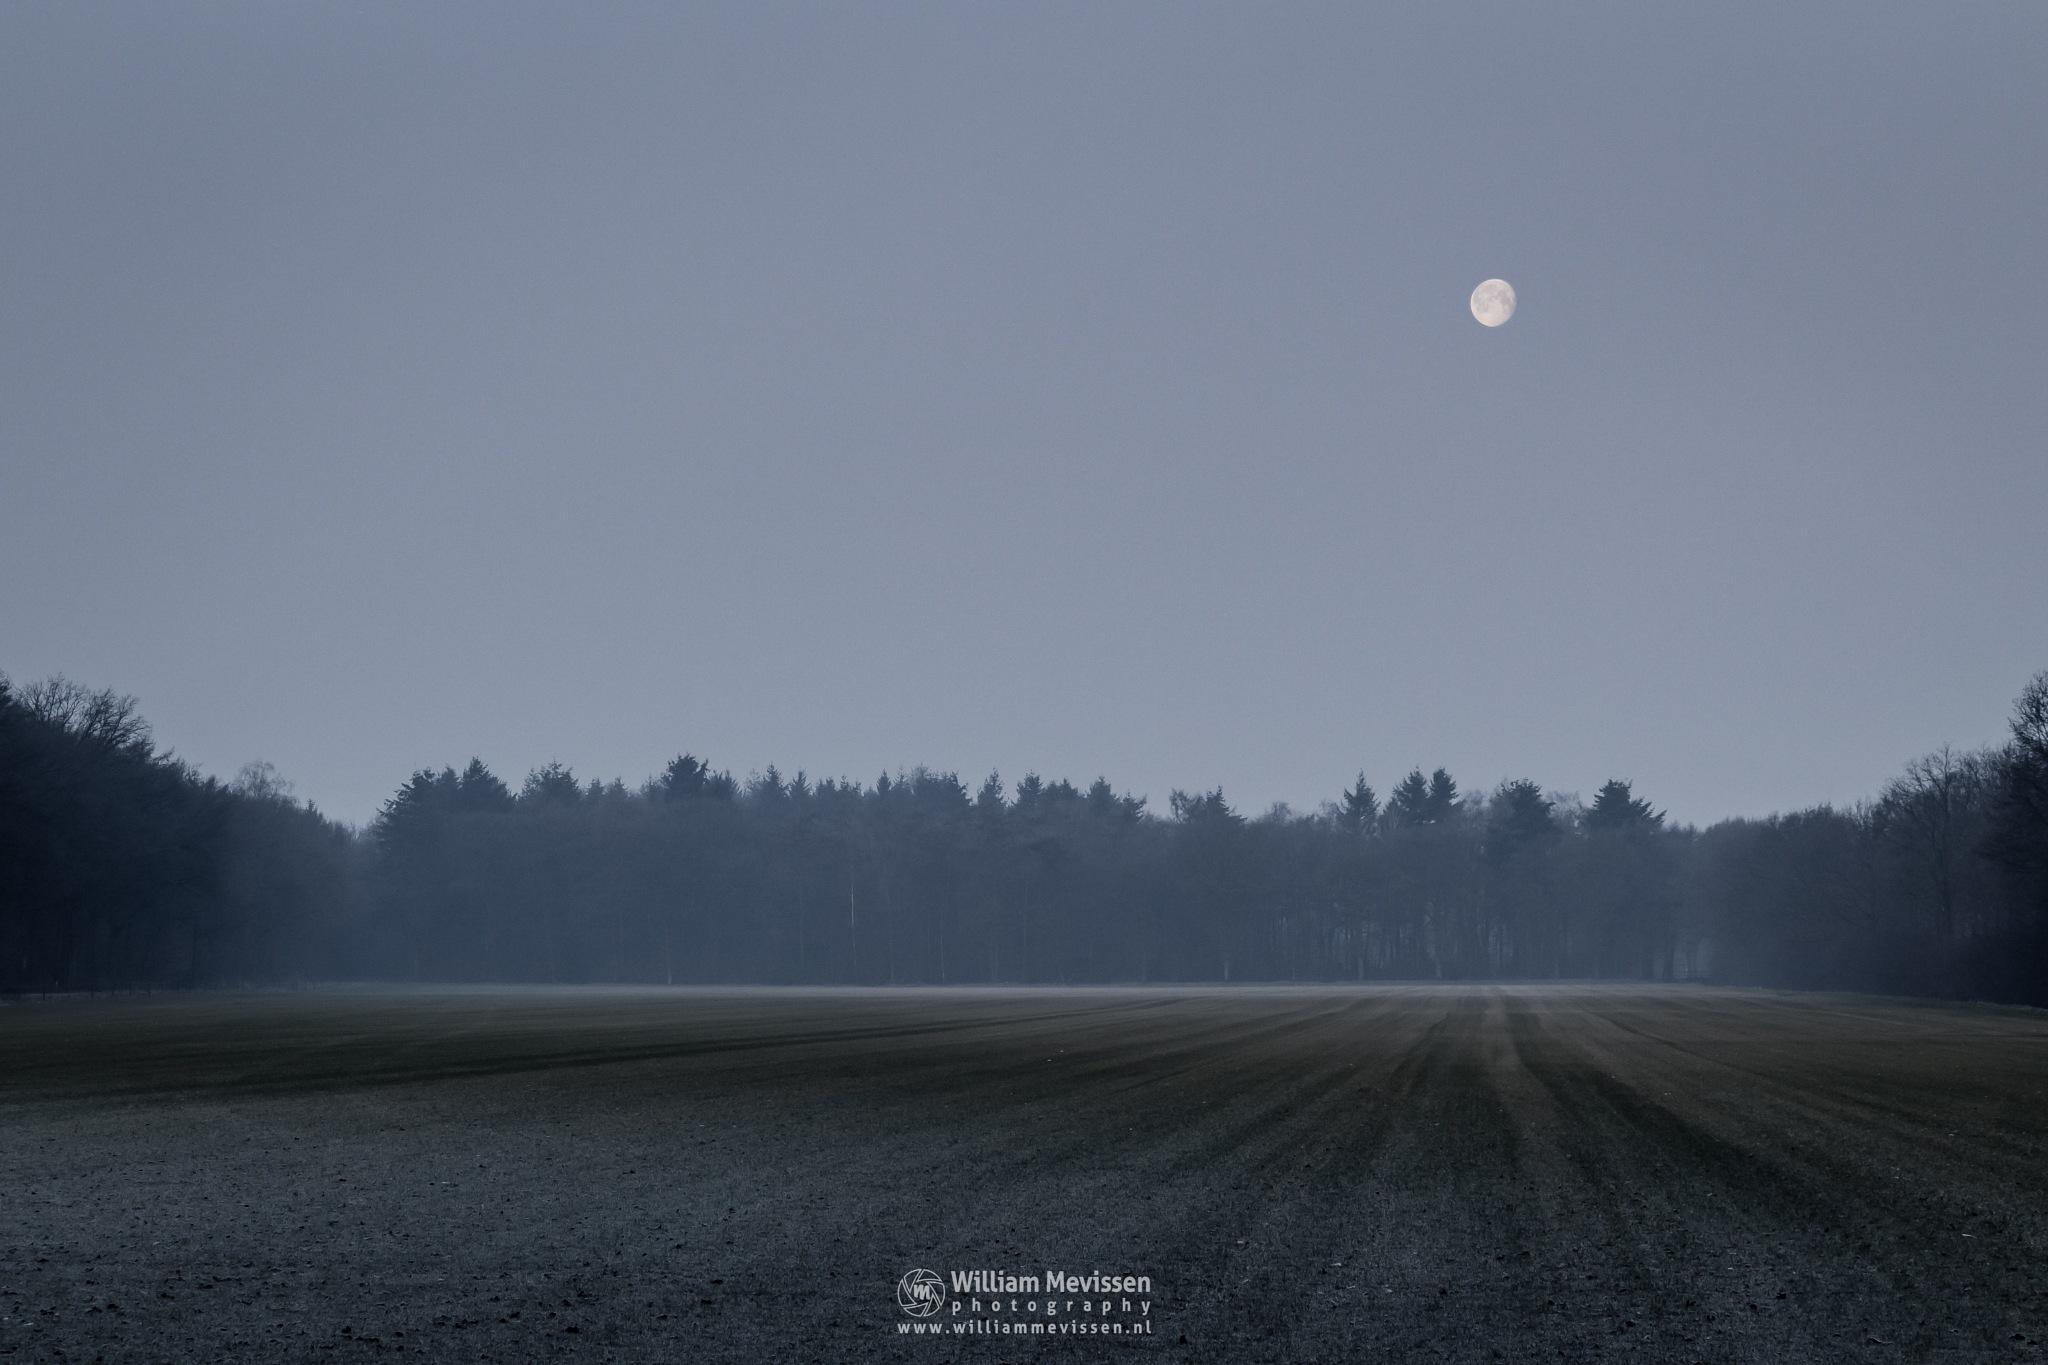 Moonlight Field by William Mevissen